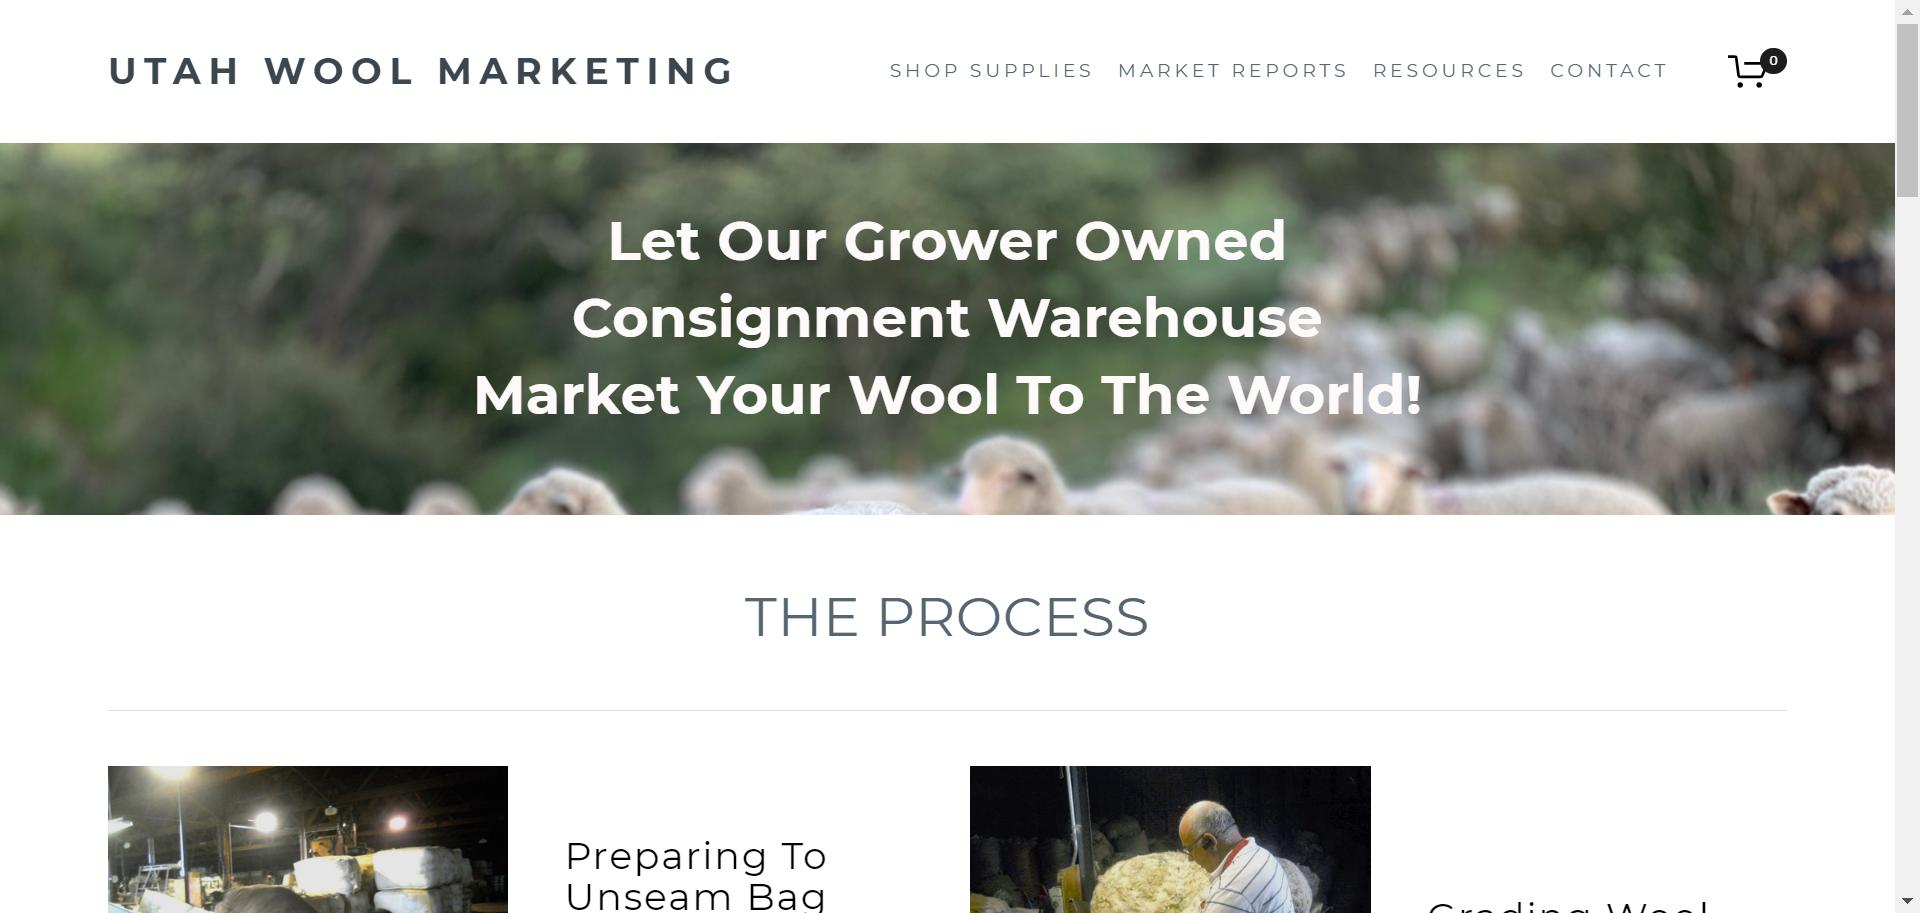 utah wool marketing website designer.png